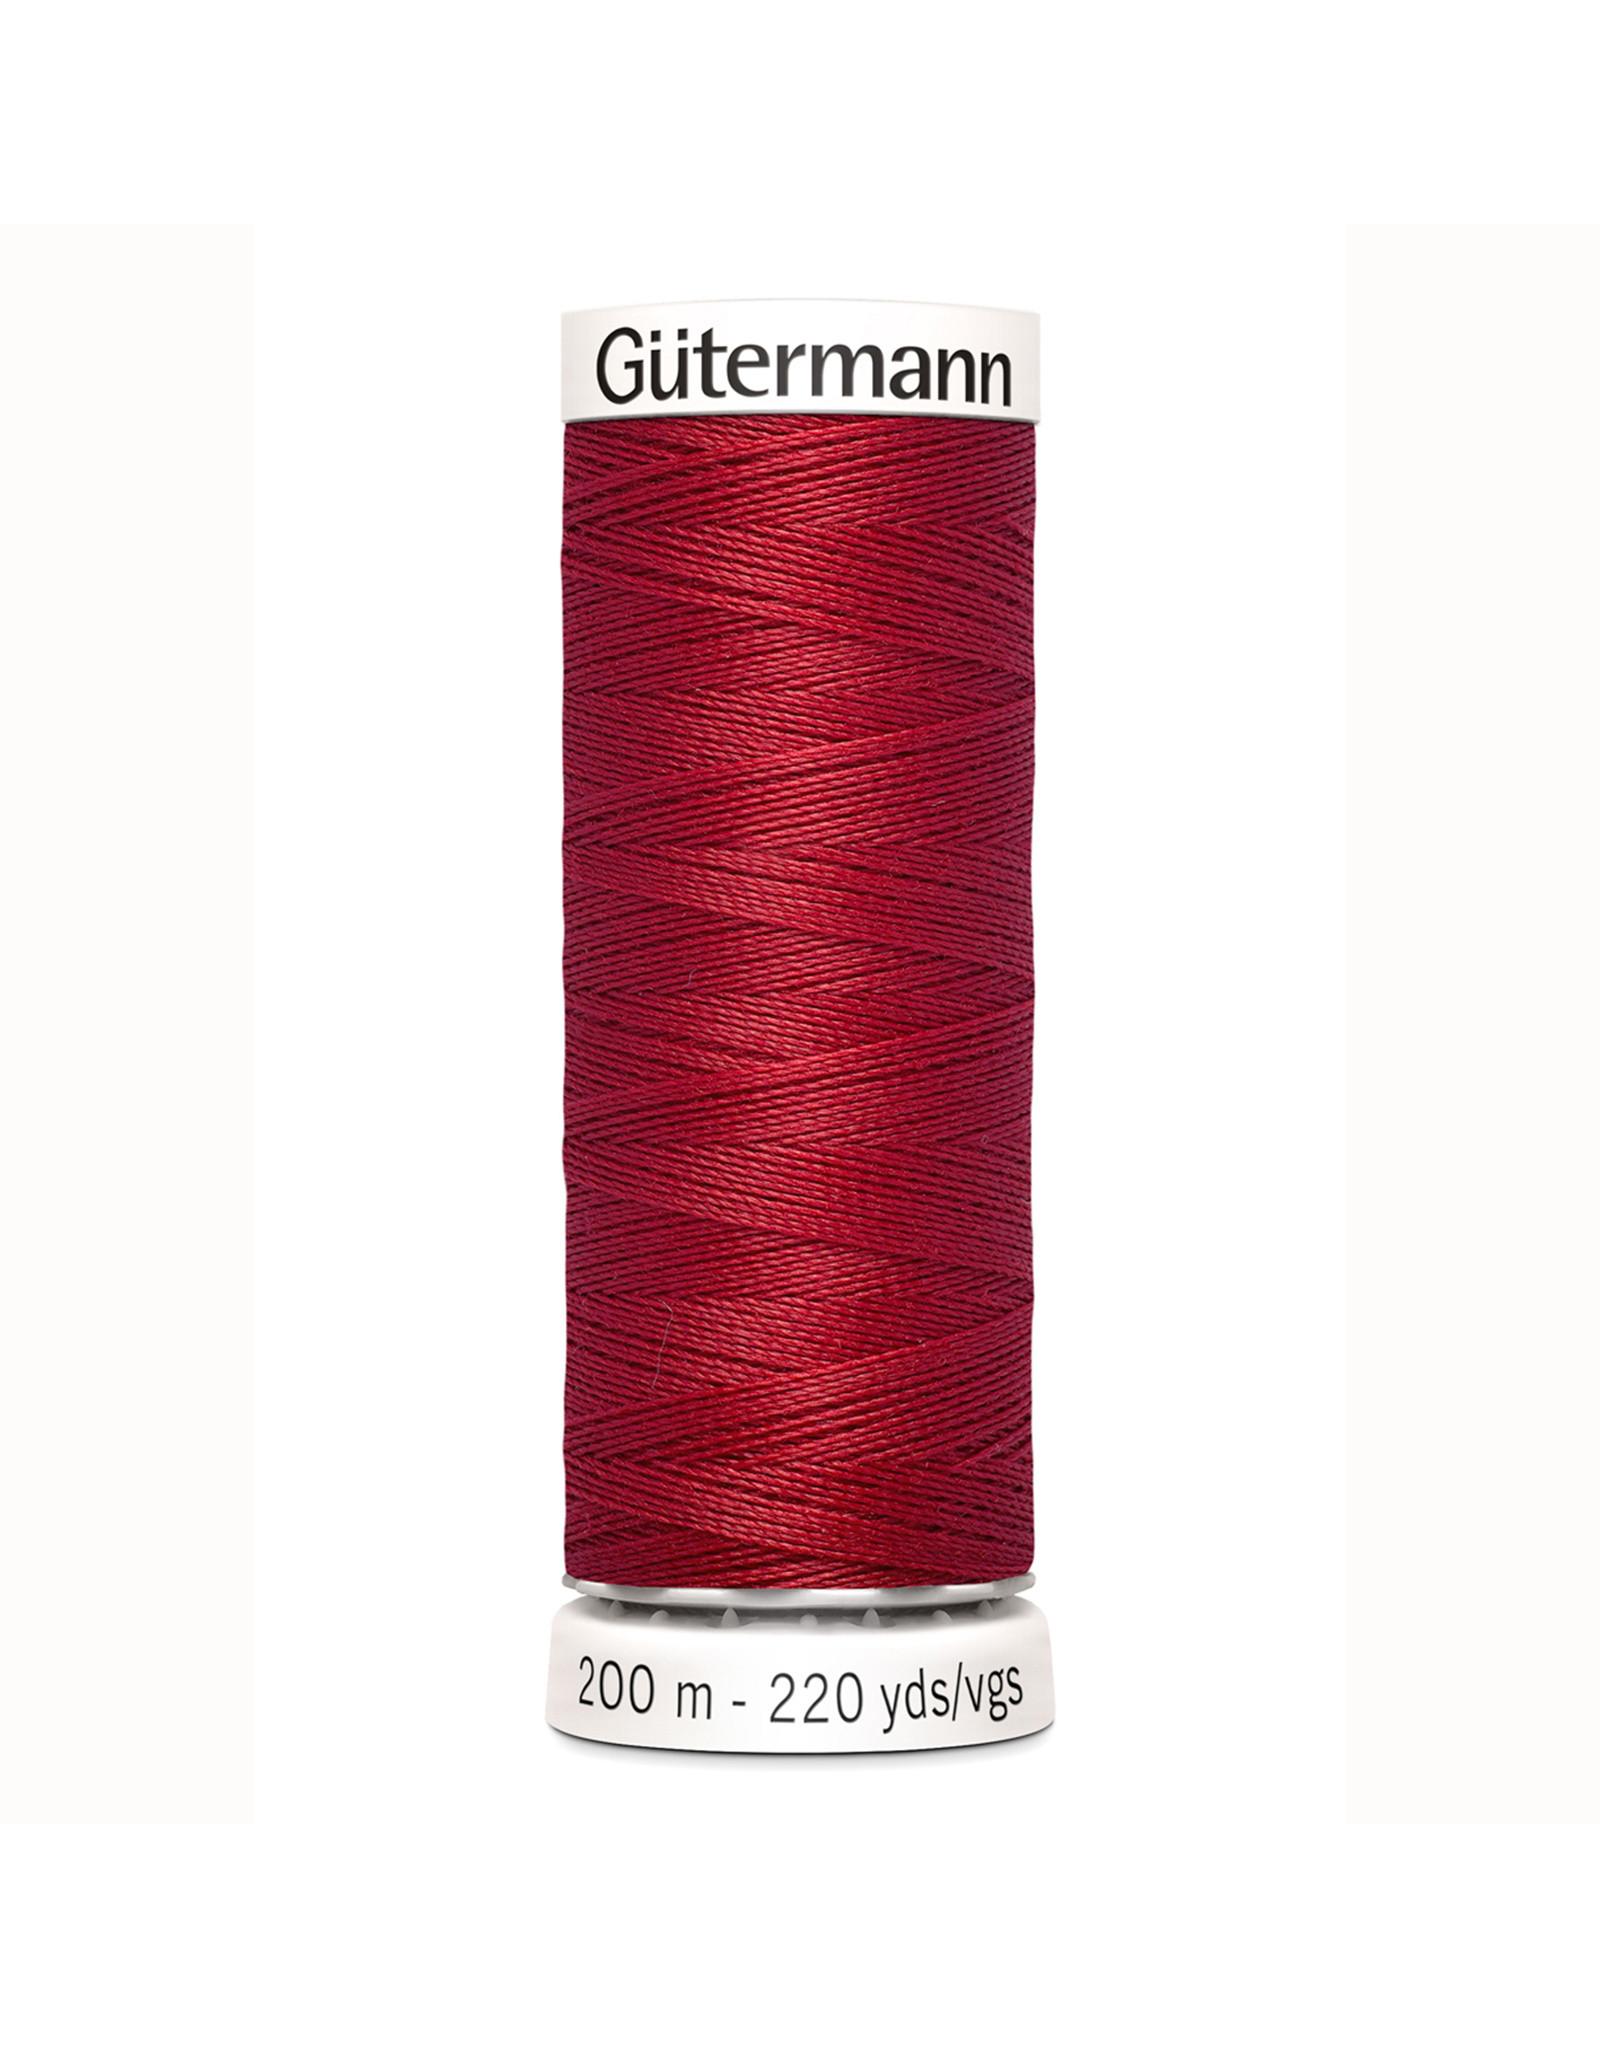 Gütermann Gütermann Nähgarn 200 m - nr 46